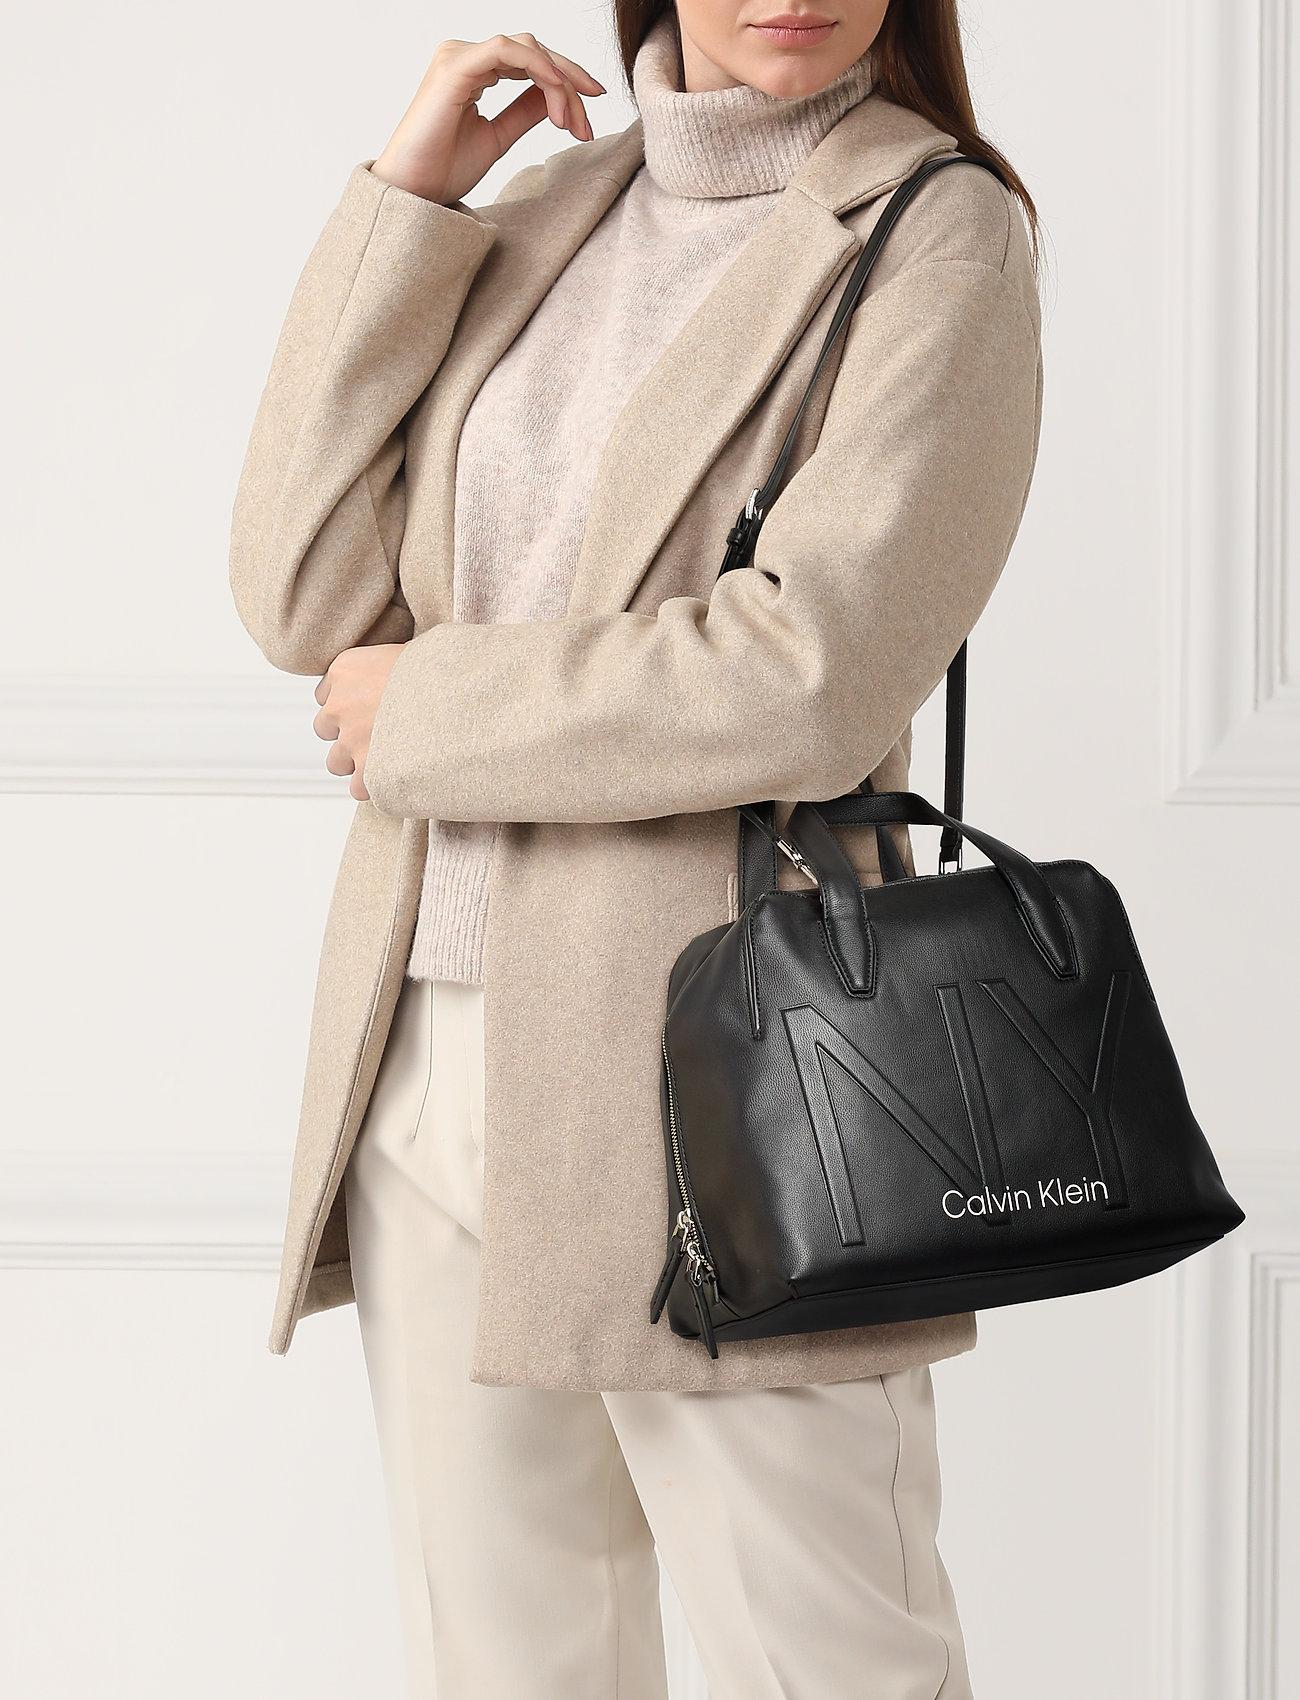 Calvin Klein NY SHAPED DUFFLE - BLACK